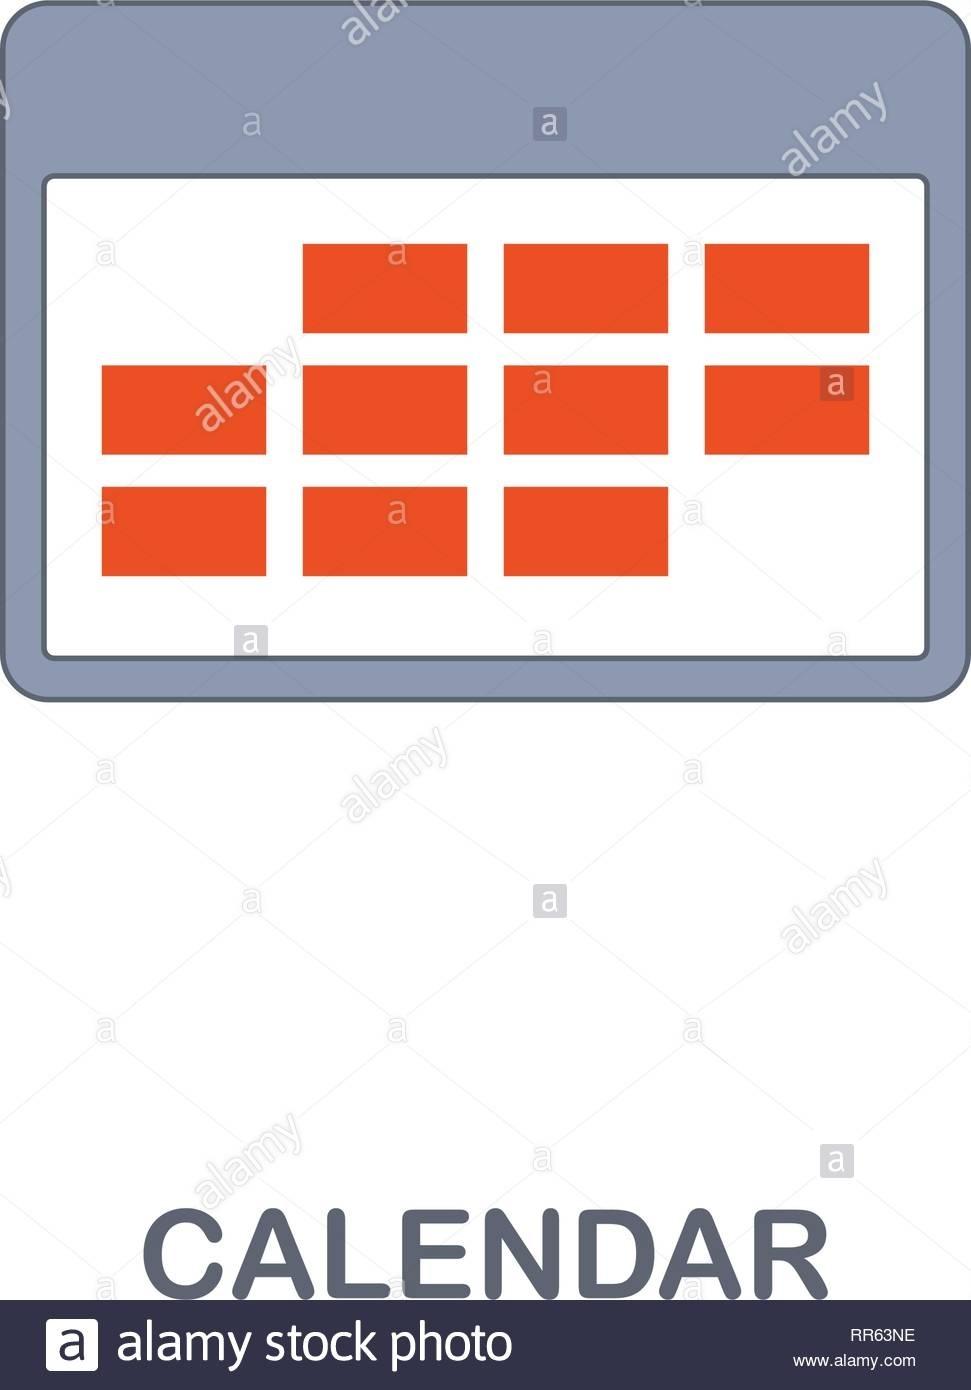 Calendar Icon Stock Photos & Calendar Icon Stock Images - Alamy_Calendar Icon Small Size